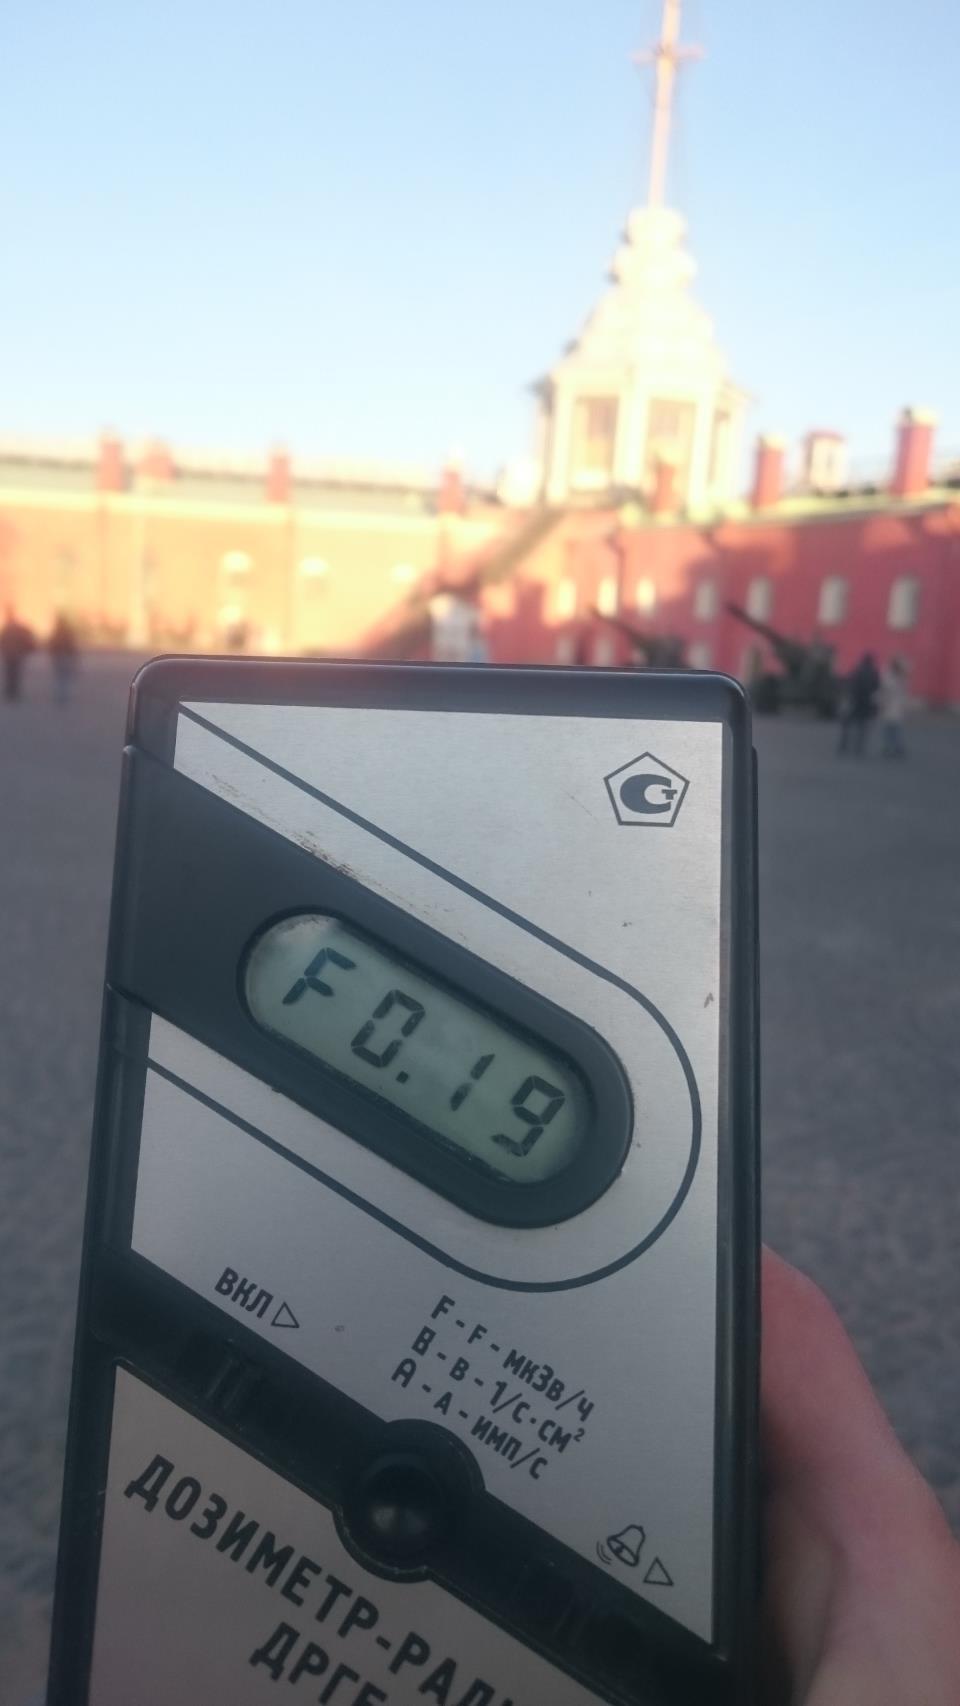 Точка измерения МЭД гамма-излучени на территории Петропавловской крепости в Санкт-Петербурге